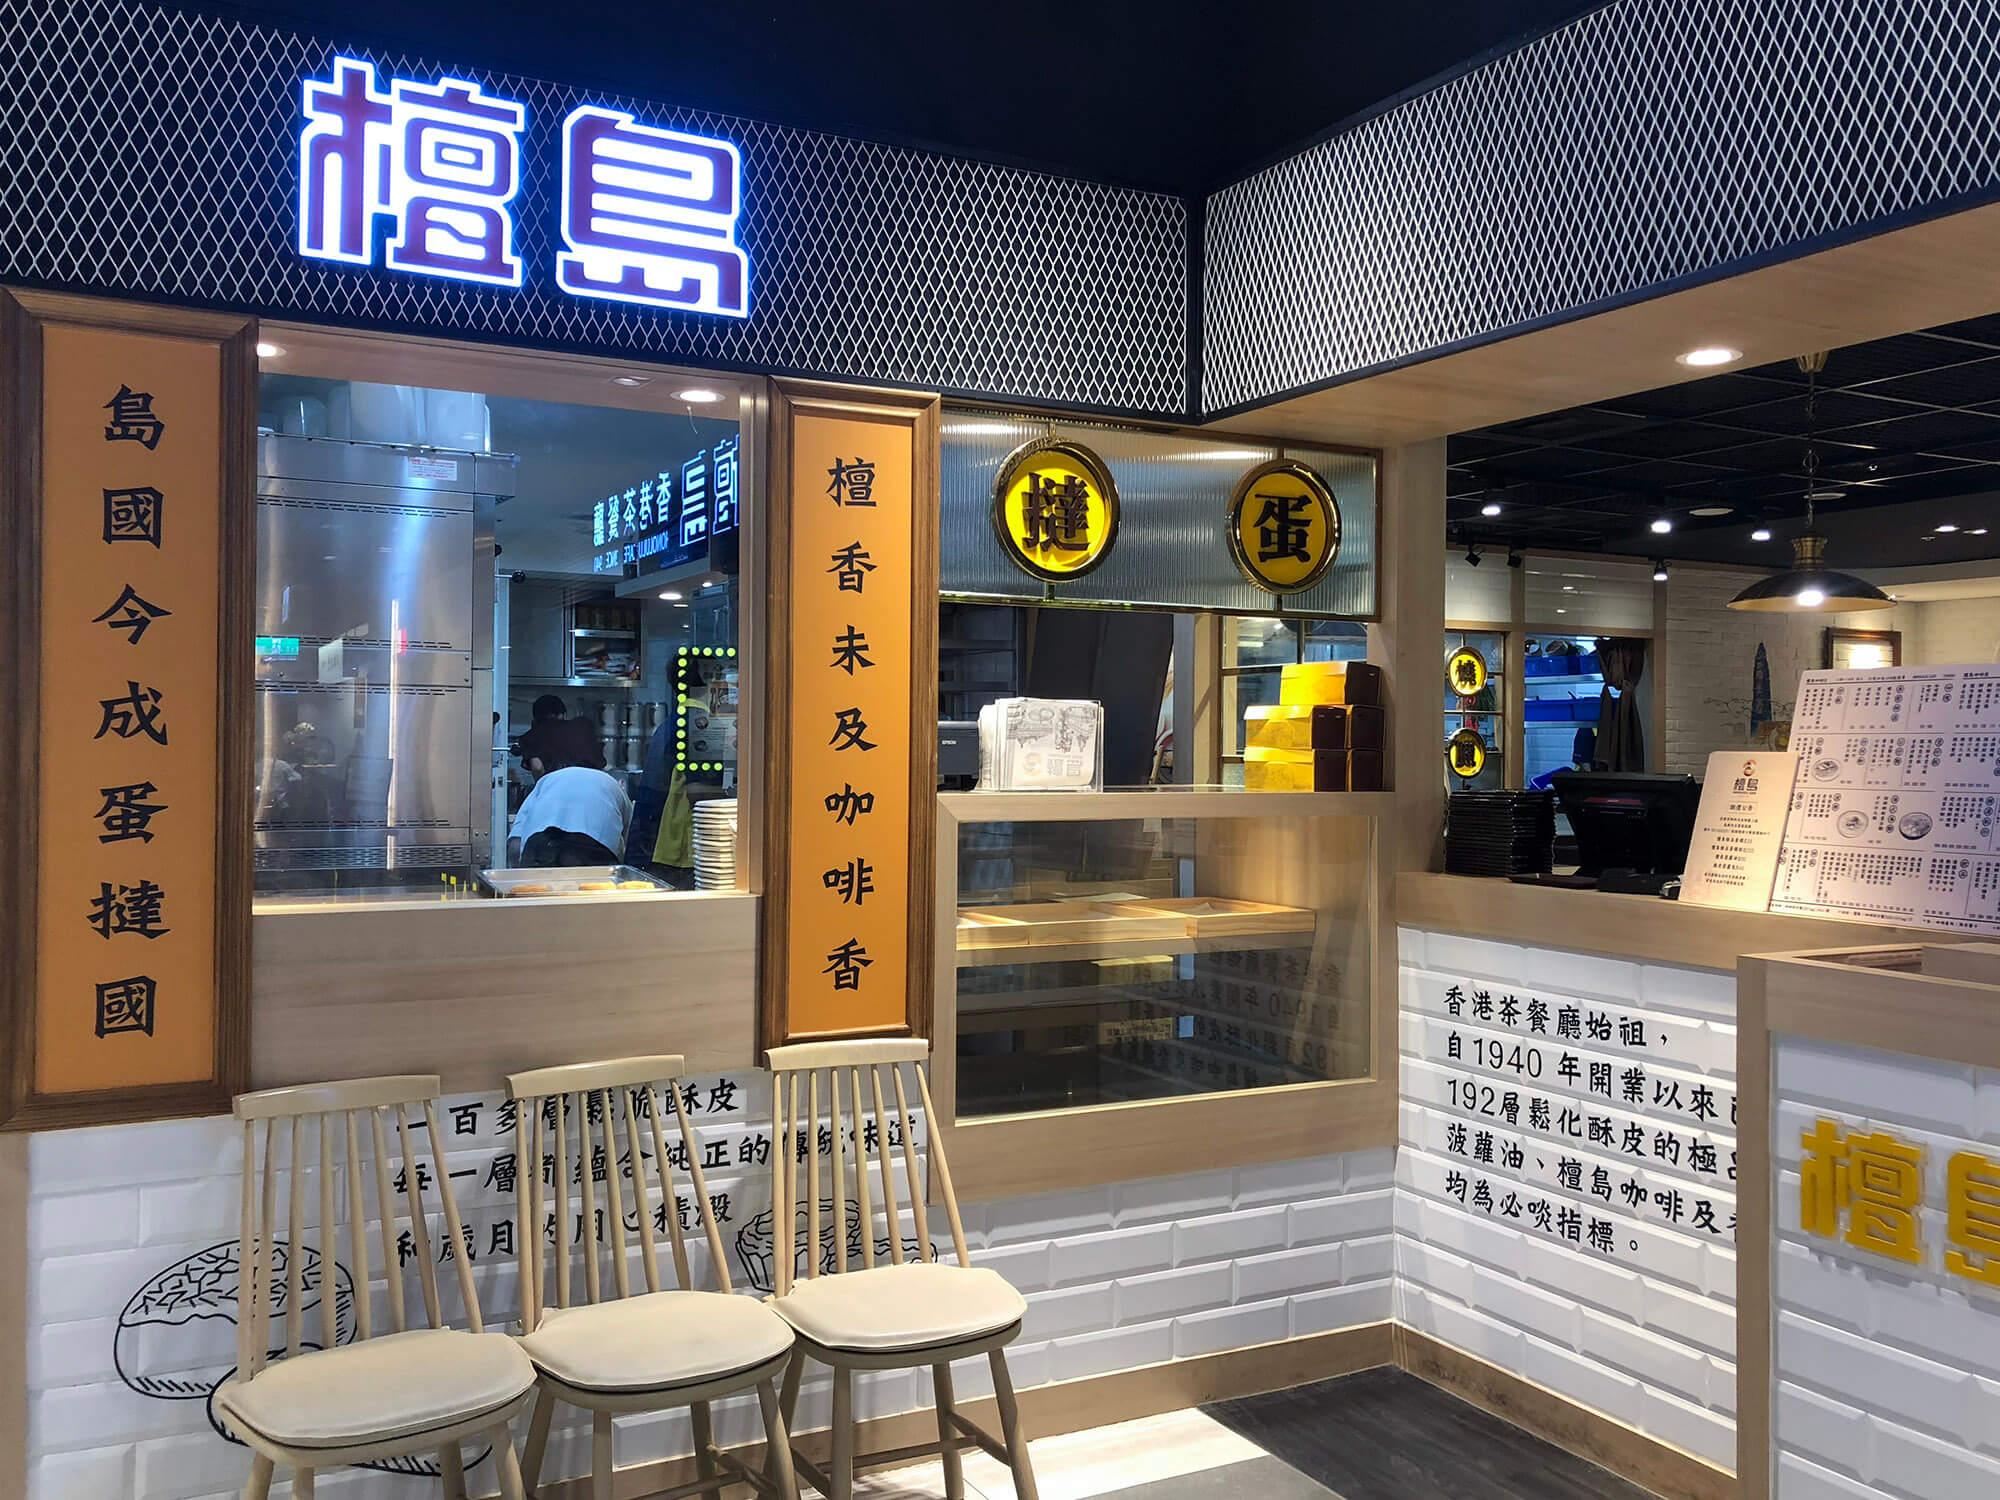 檀島茶餐廳蛋塔區